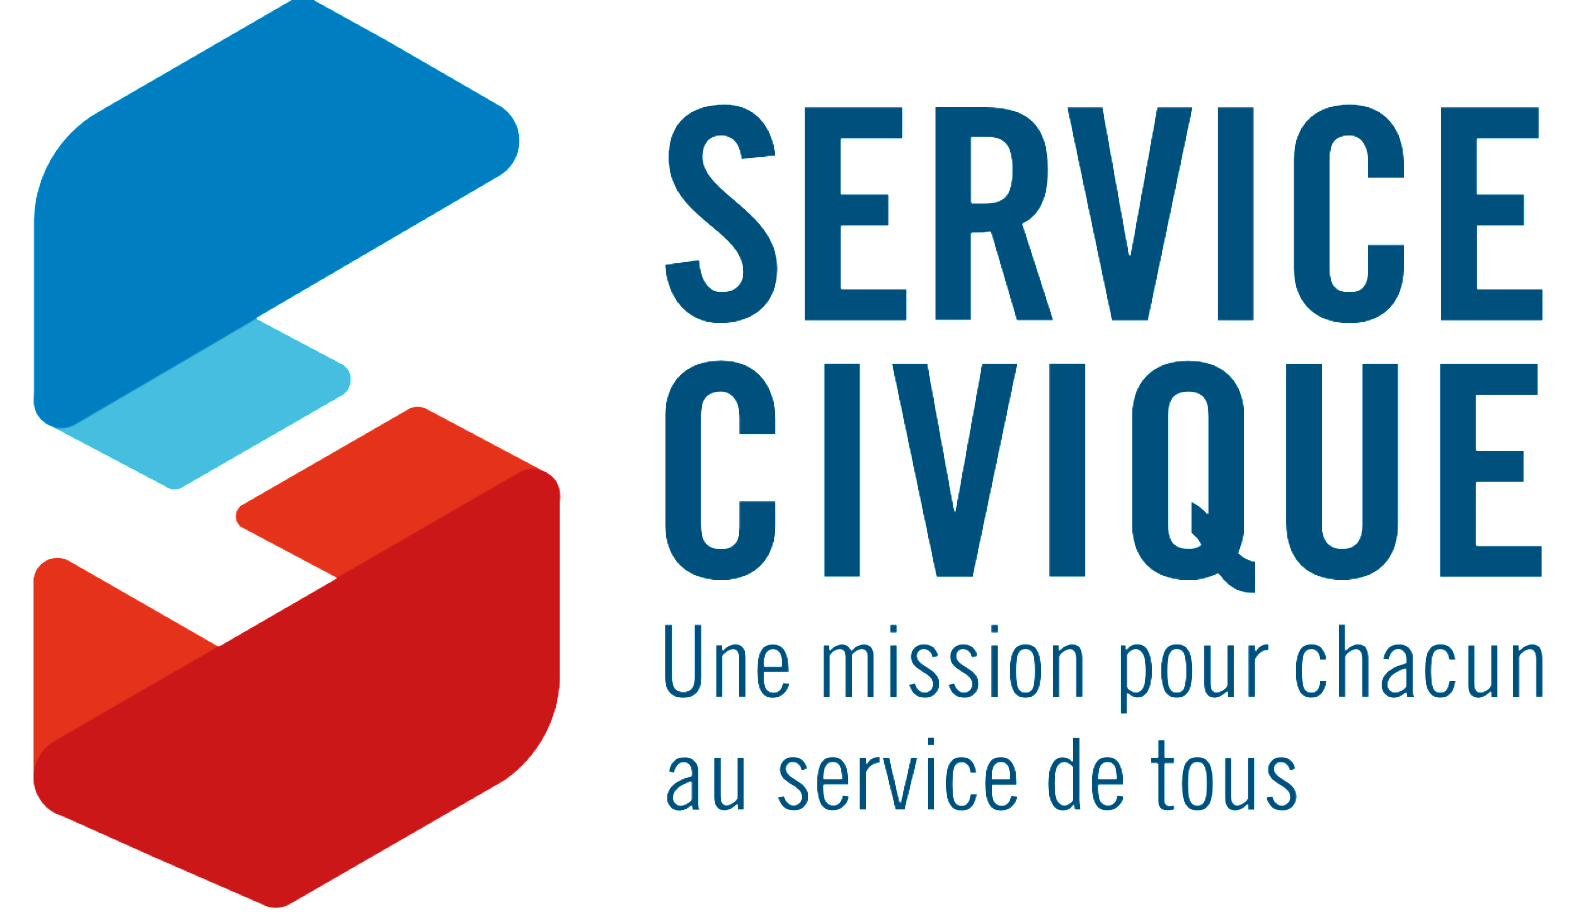 SERVICE CIVIQUE.PNG